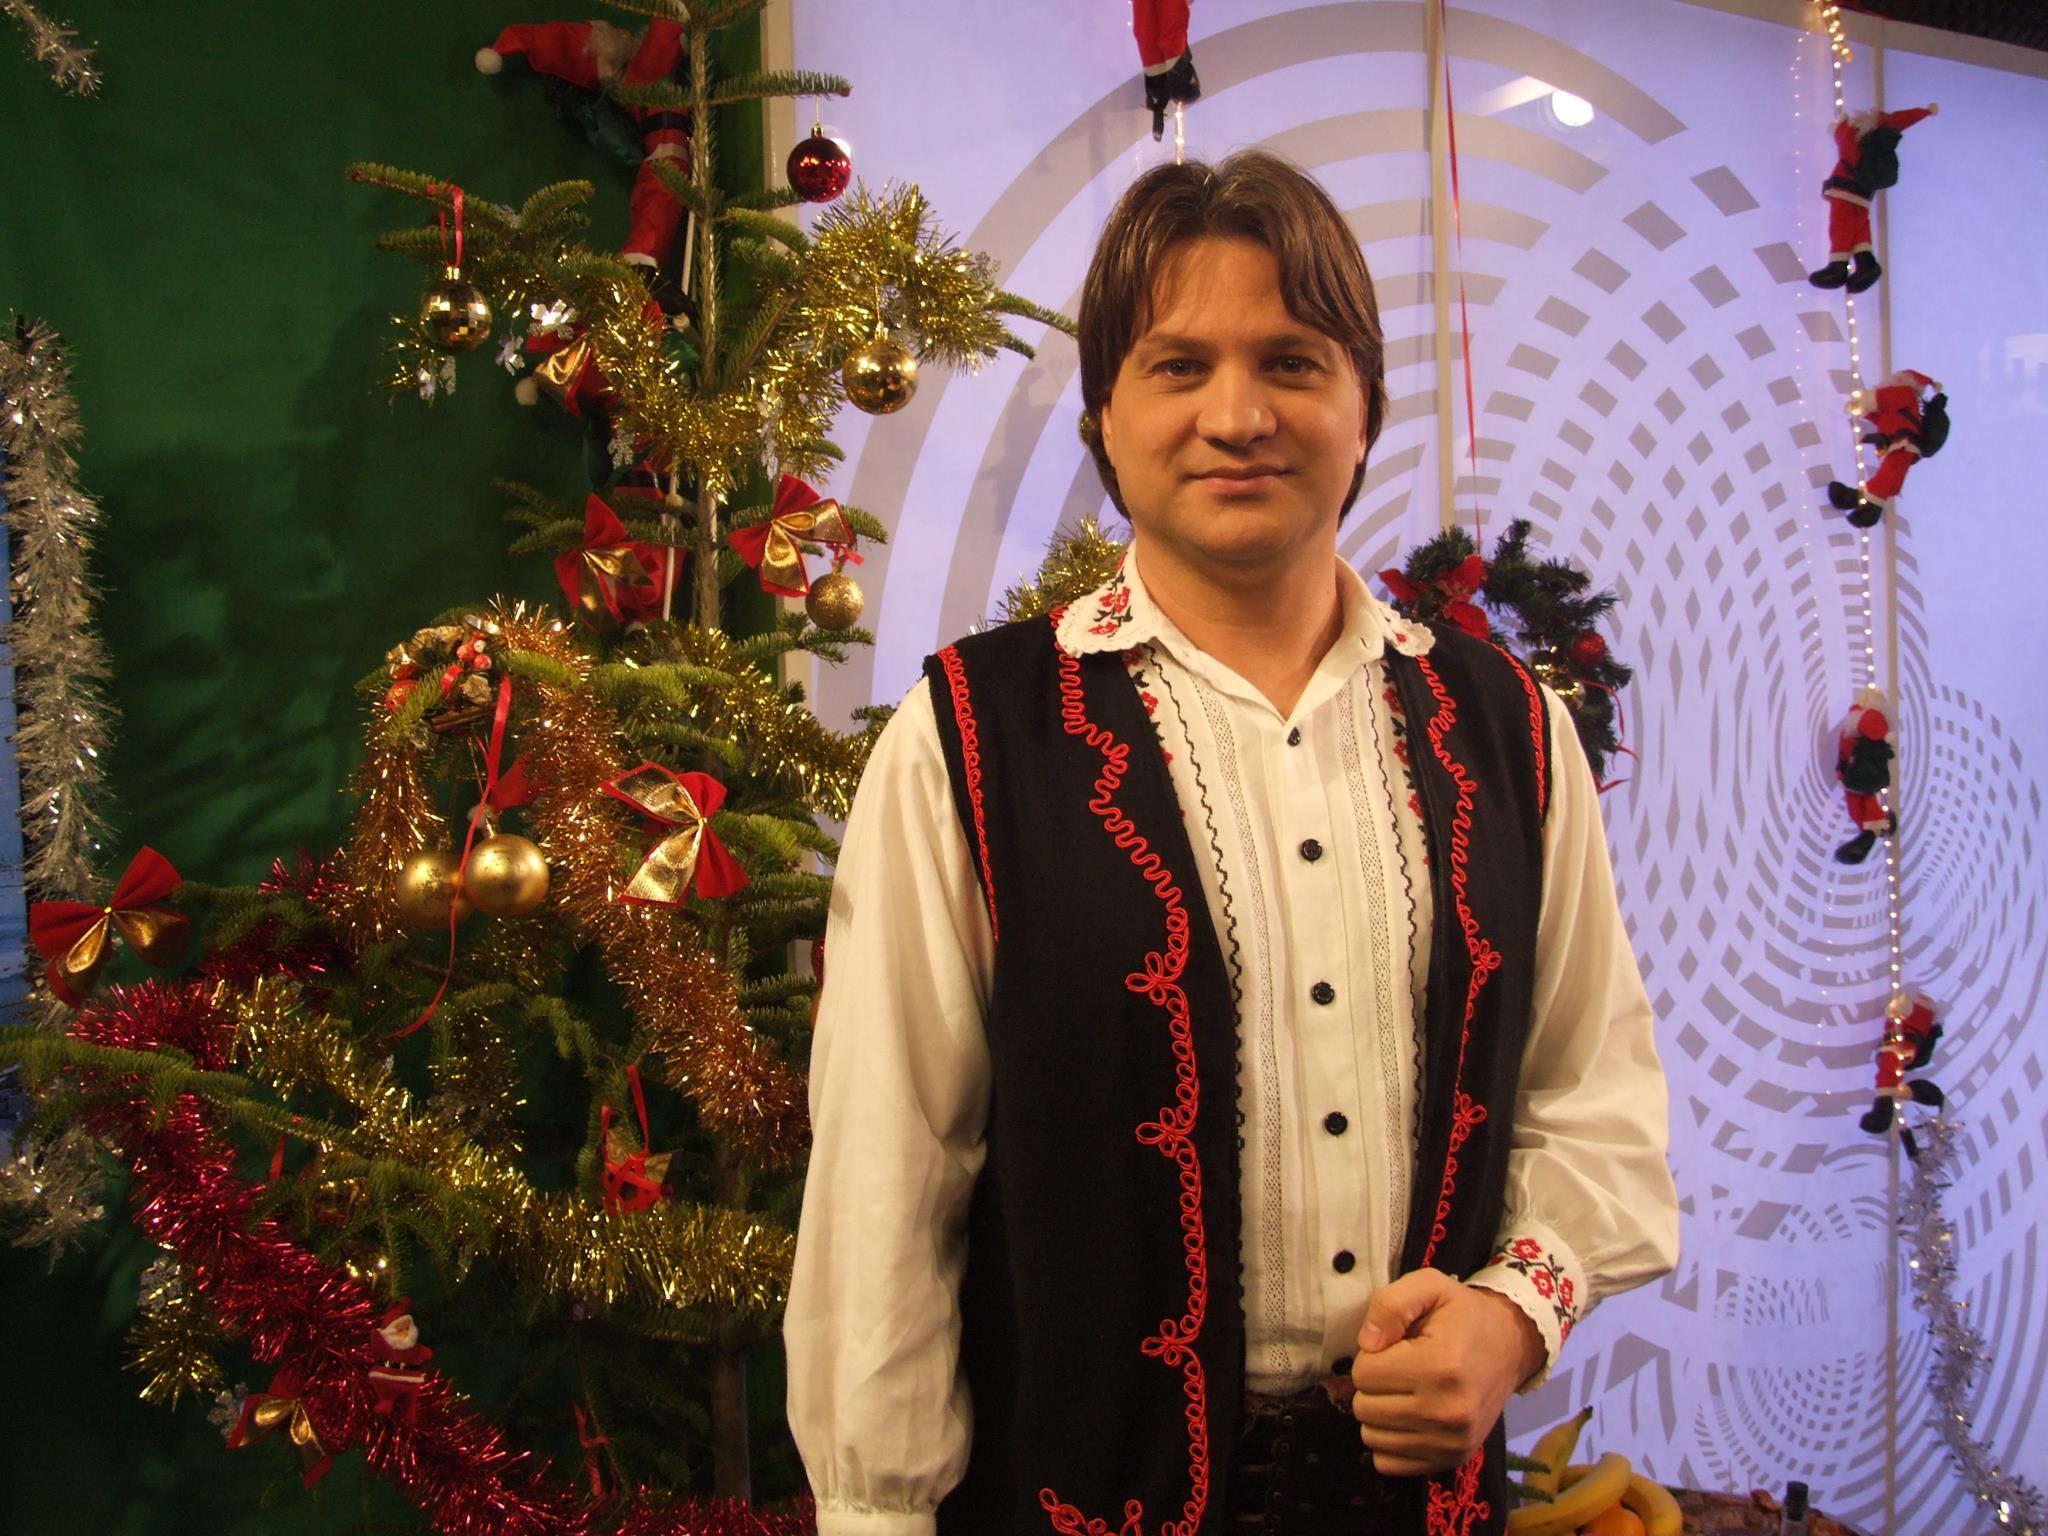 Acum, Mihai canta mai mult muzica lautareasca si populara foto: Facebook